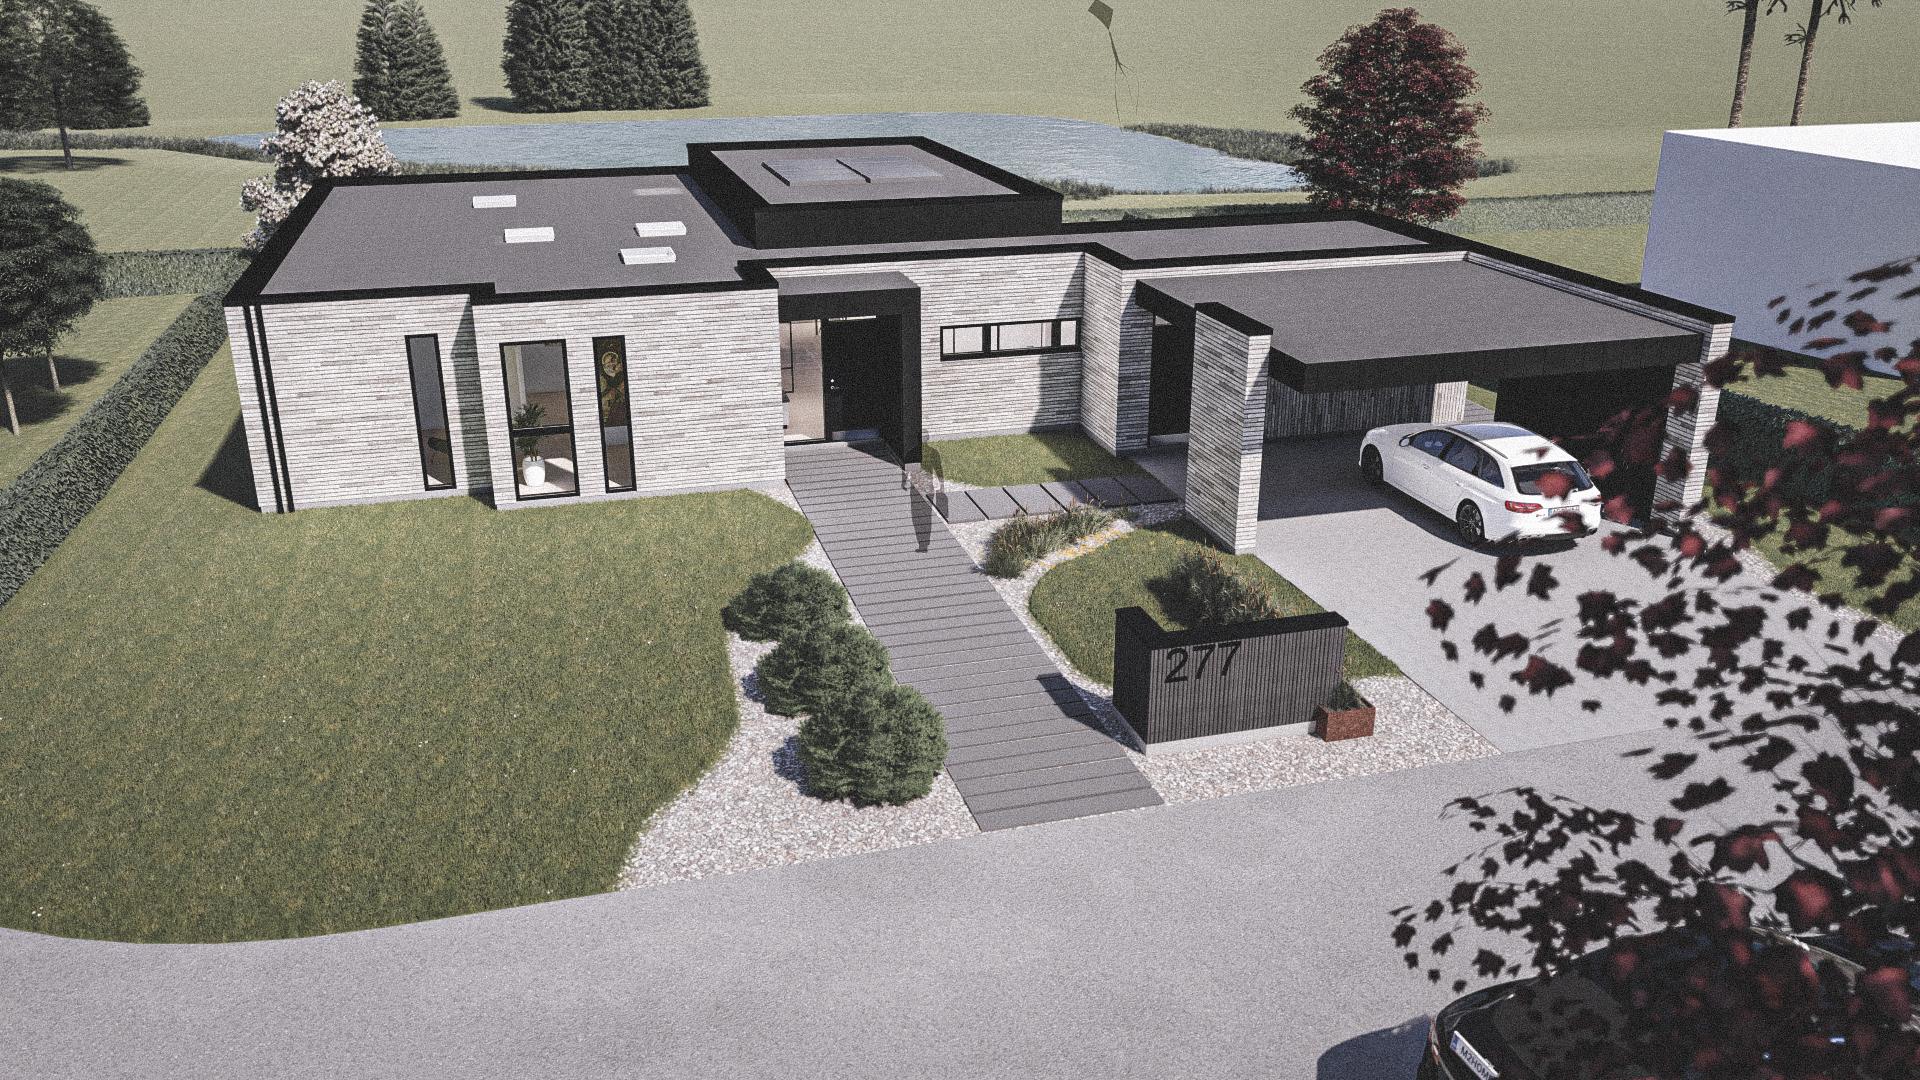 Billede af Dansk arkitekttegnet 1 plan villa af arkitektfirmaet m2plus, i Støvring på 185 kvartratmeter.